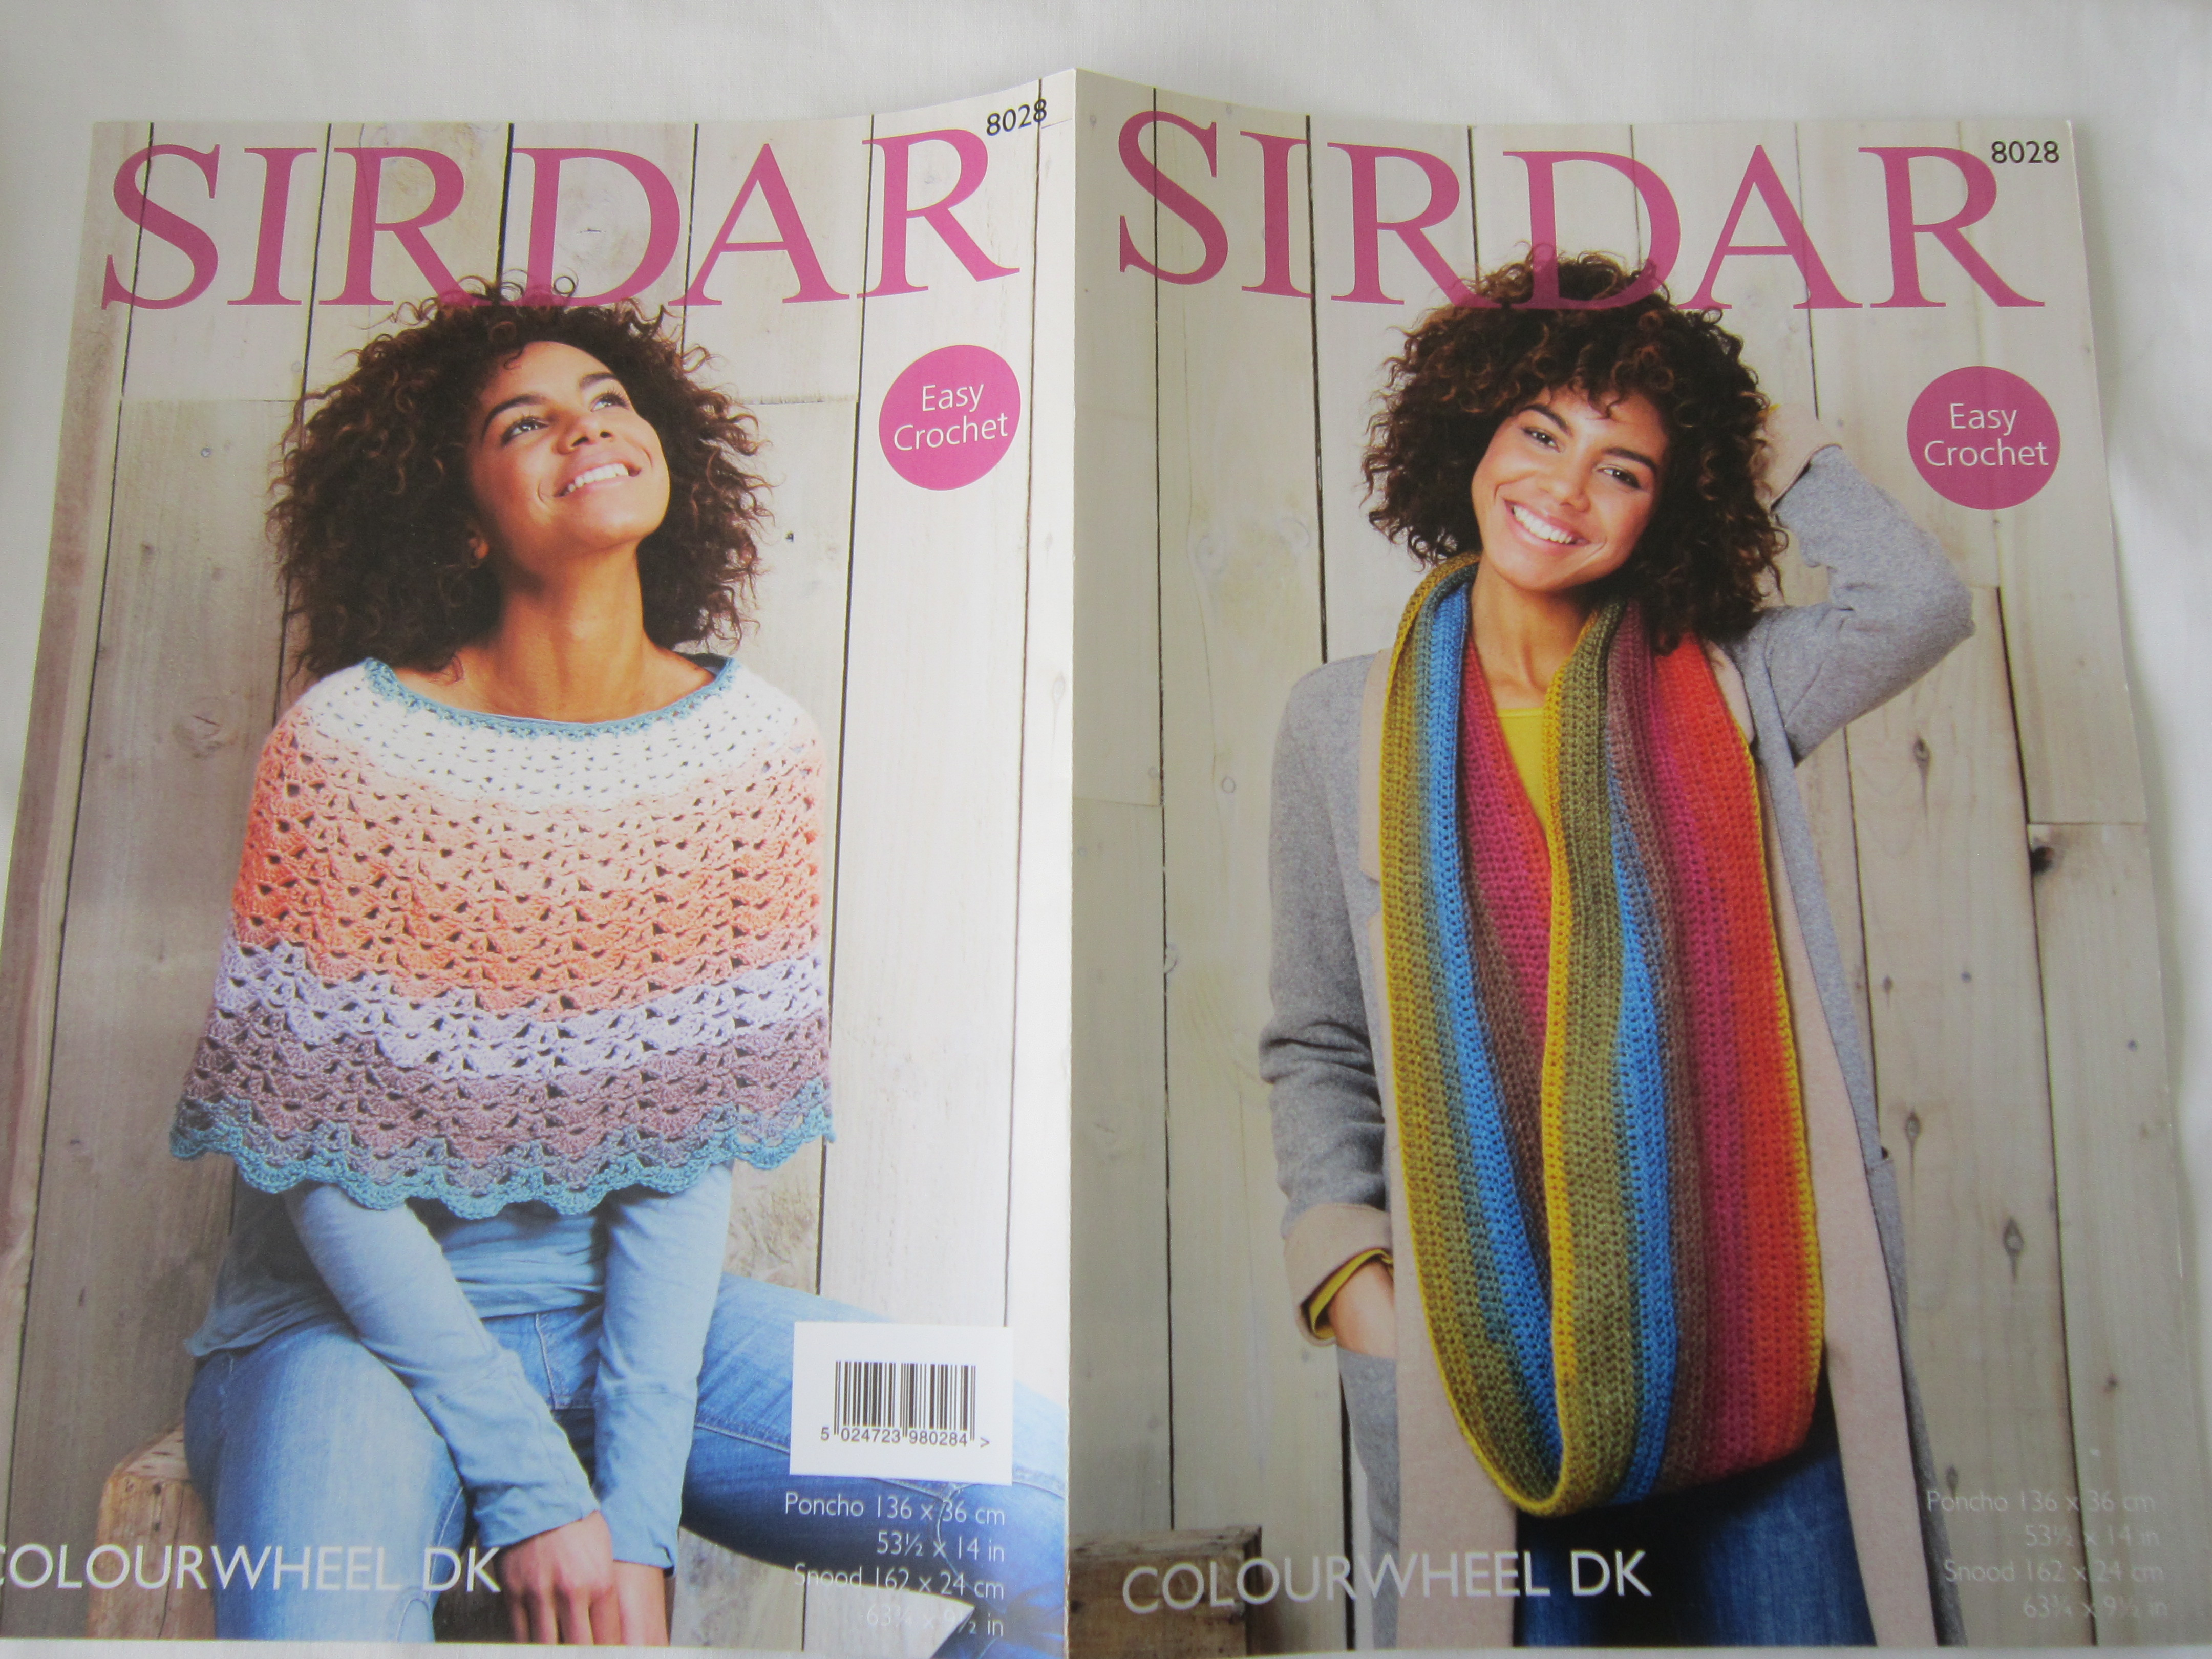 Sirdar Crochet Patterns